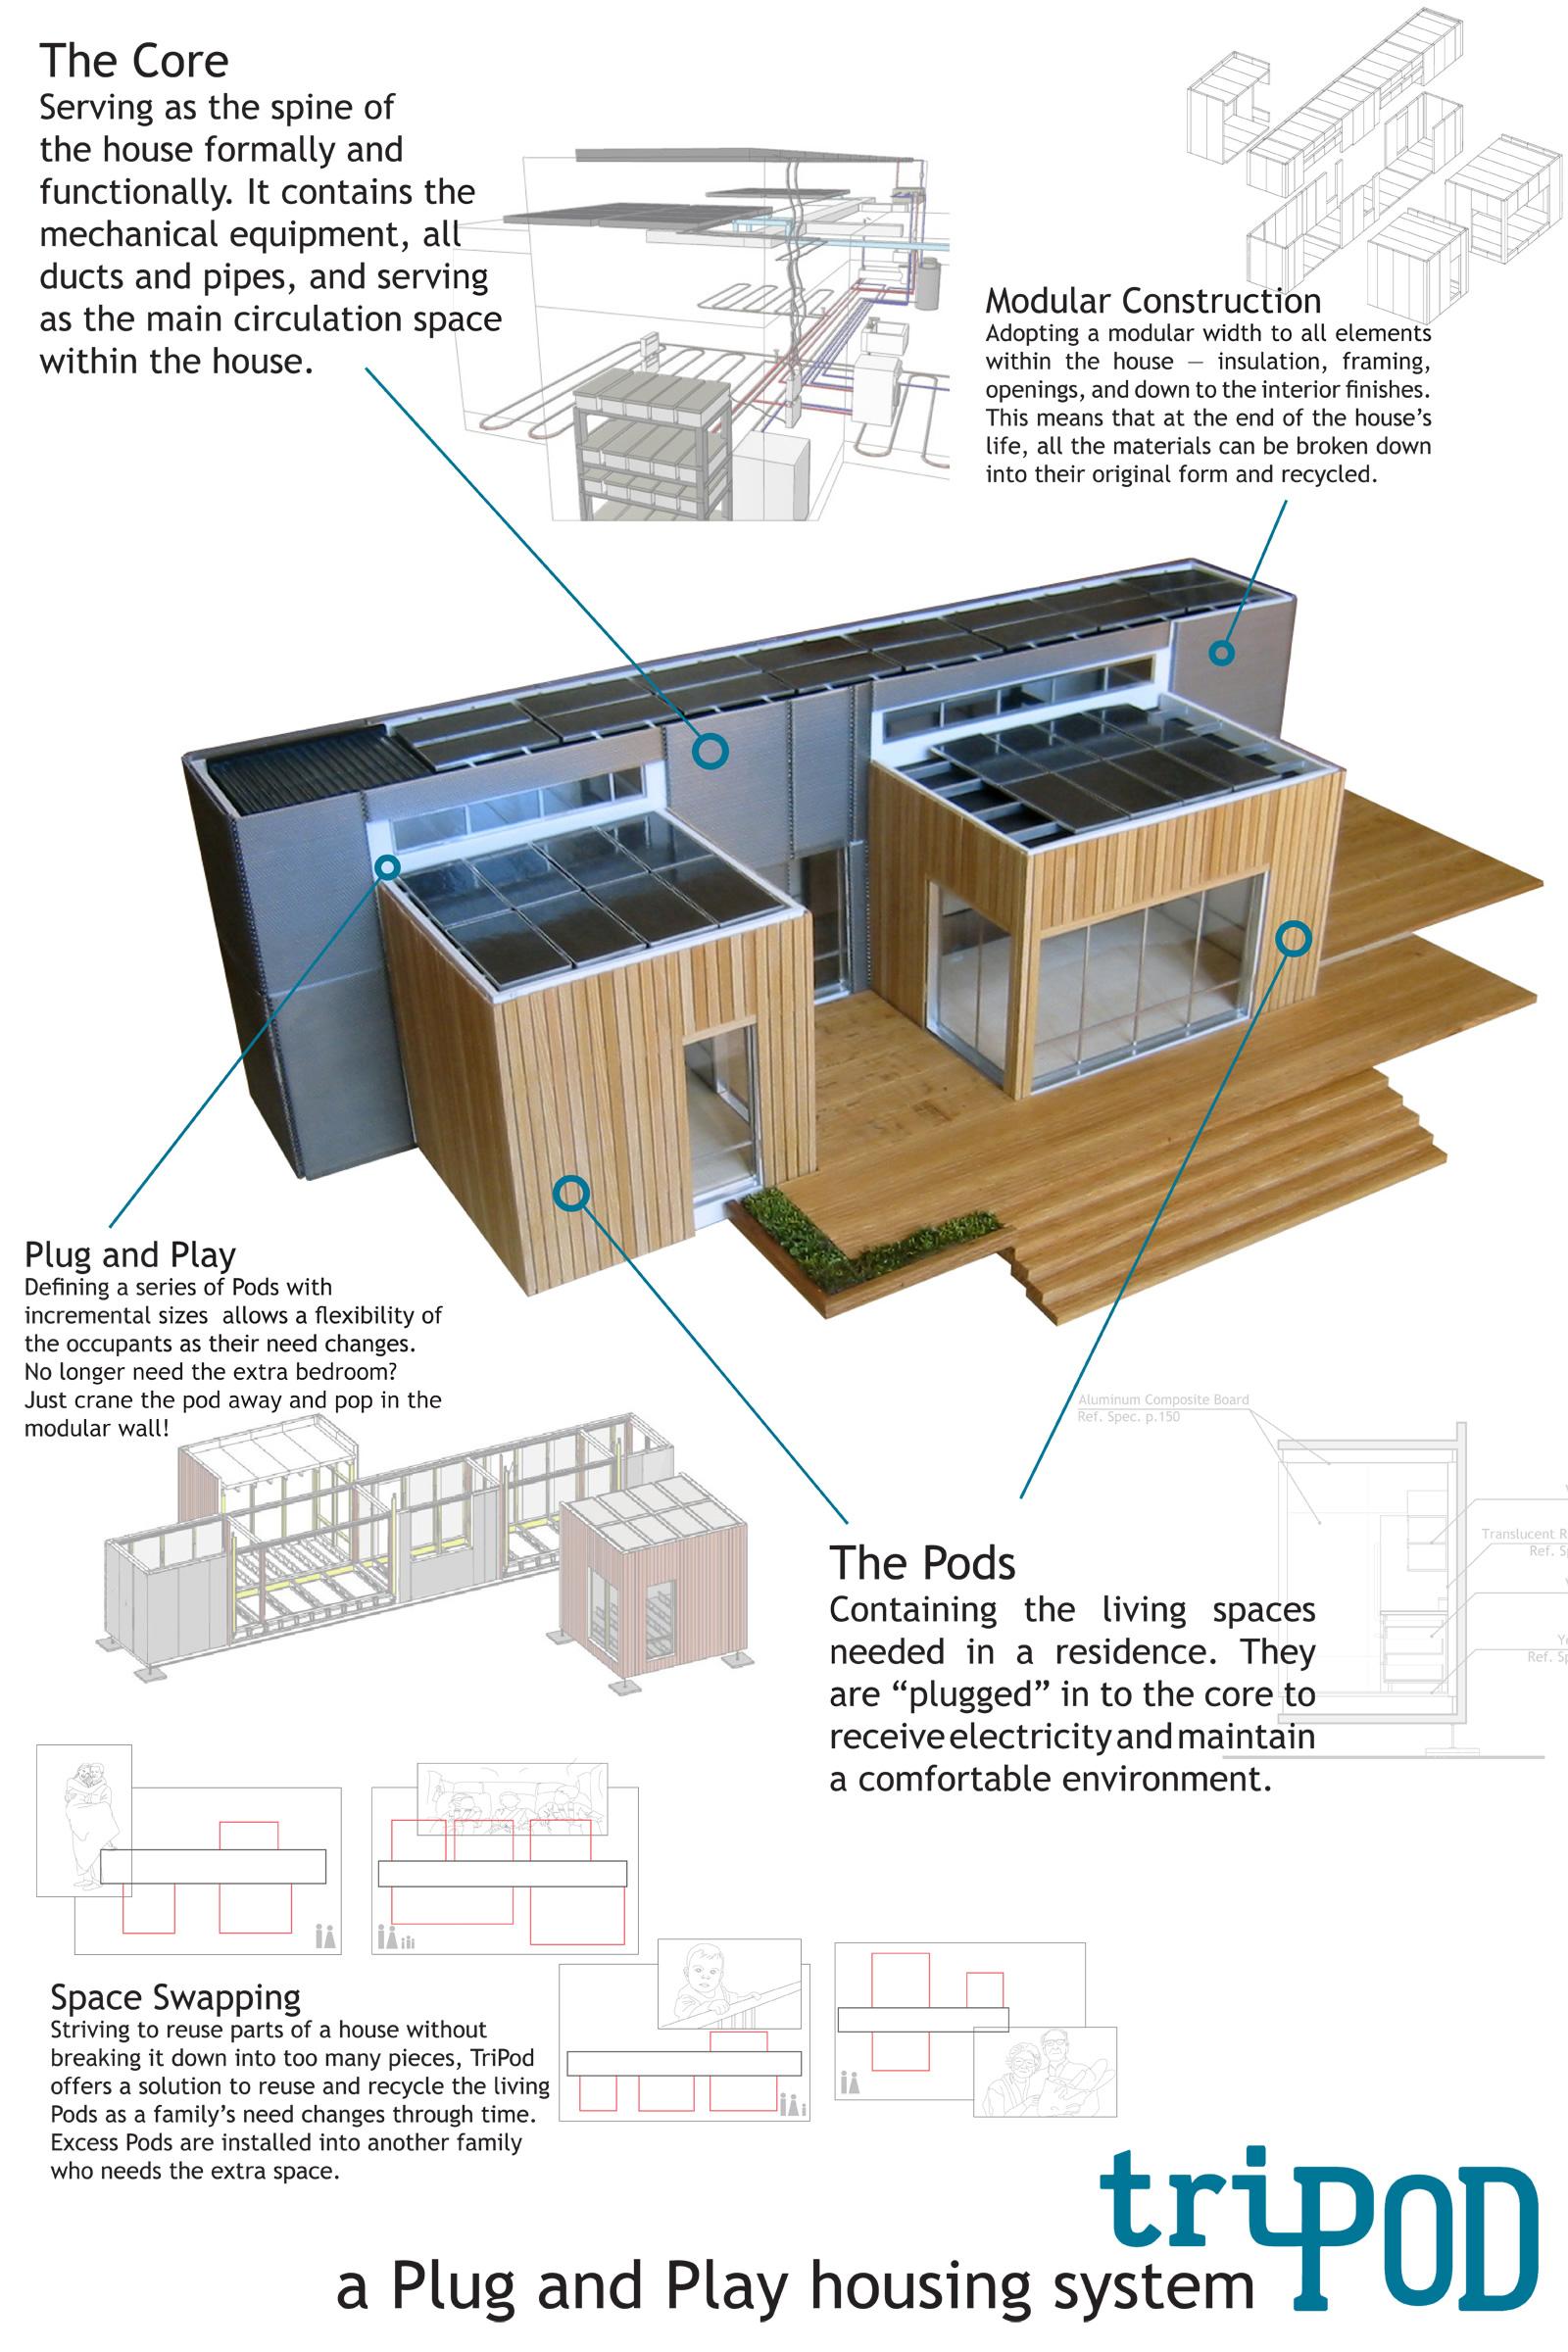 Tripod una casa prefabbricata plug and play un nuovo modo di concepire il design grazie al web - Casa modulare prefabbricata ...